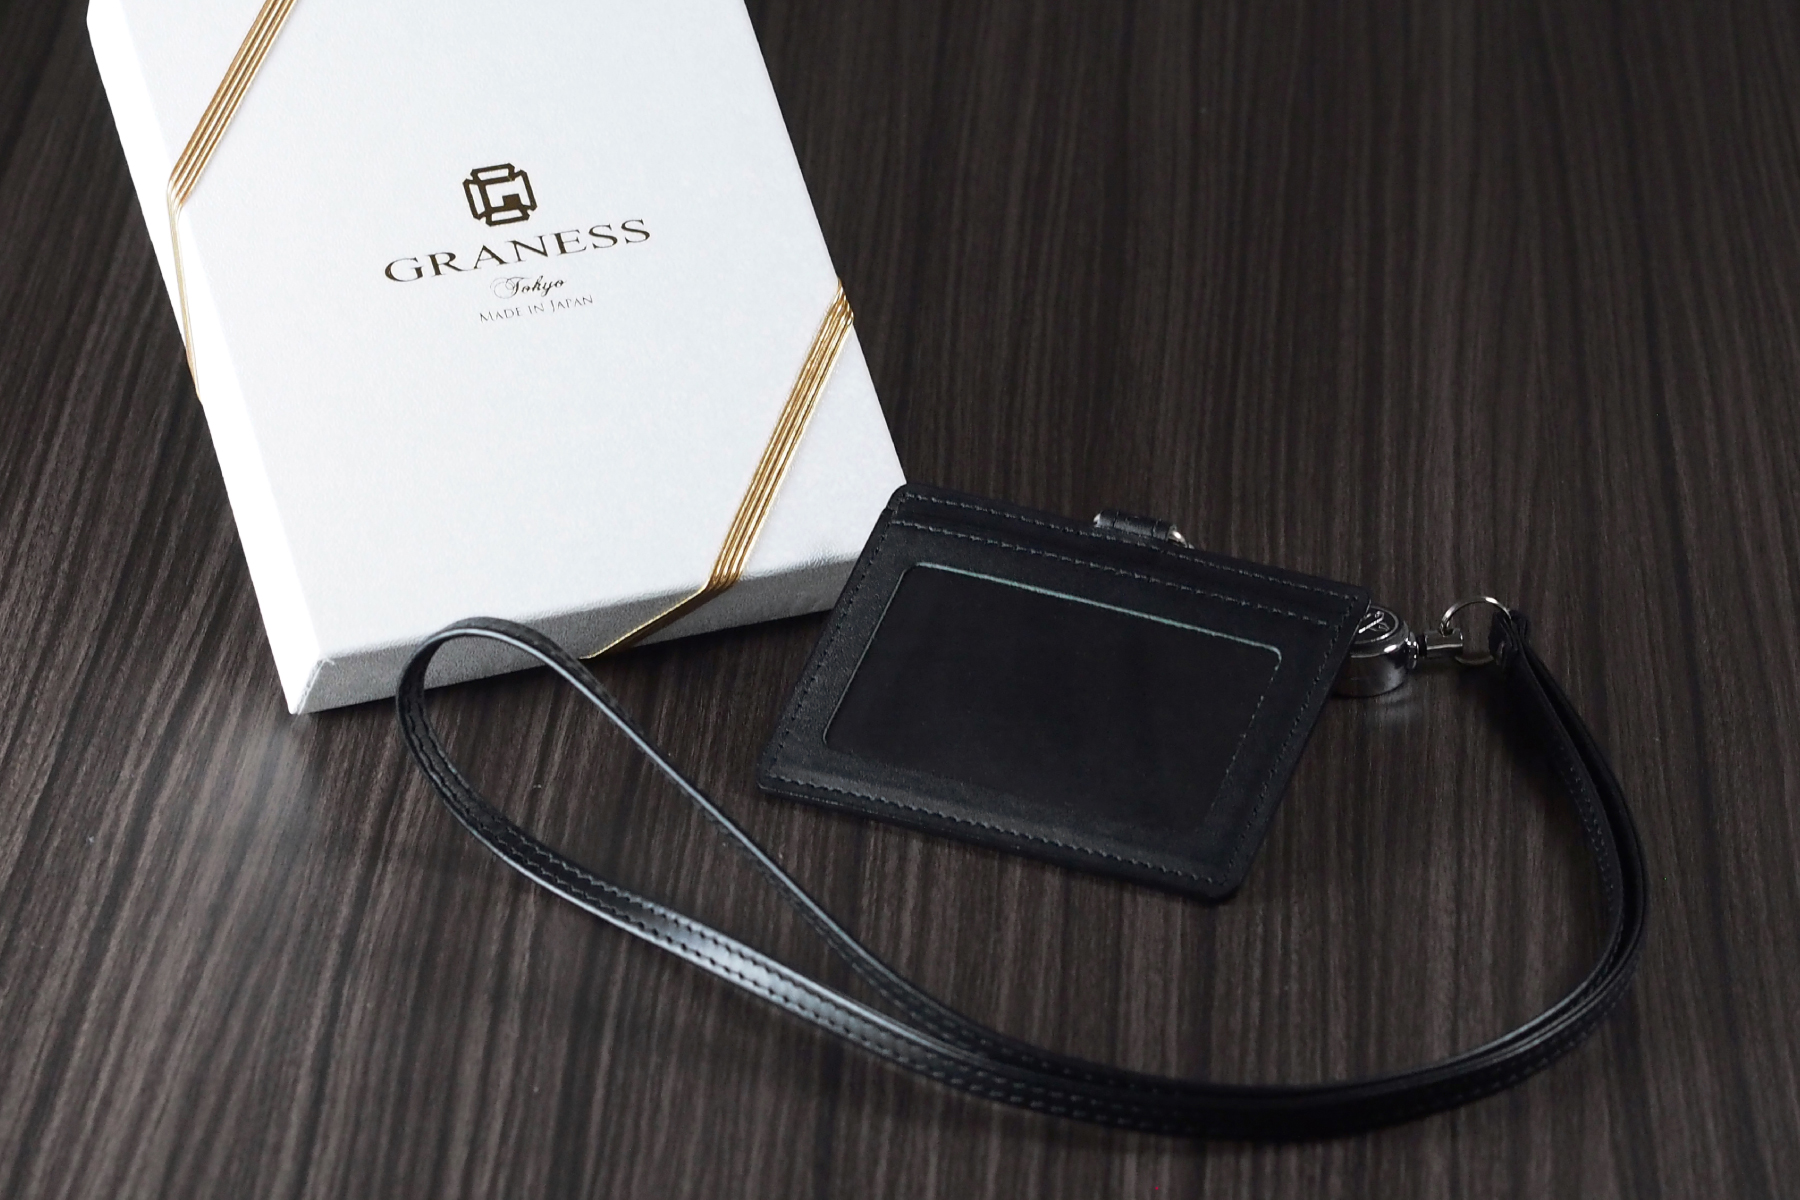 本革製社員証ケースと記念品用の名入れ化粧箱